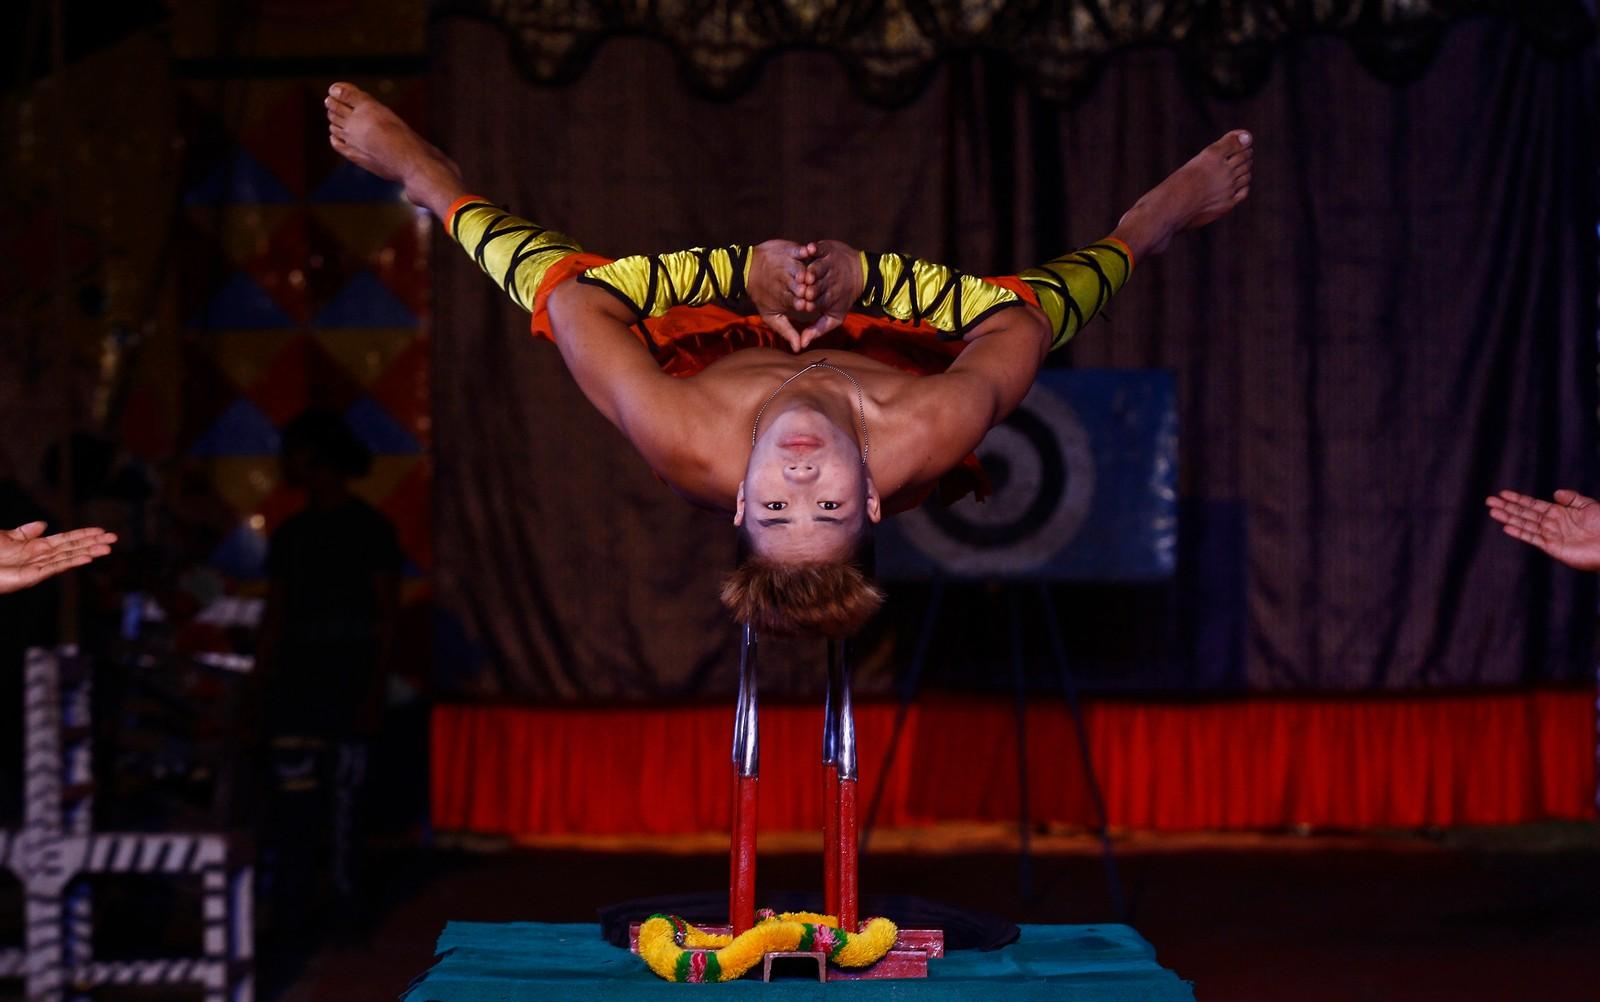 På et sett kniver opptrer denne balansekunstneren på Ajanta-sirkuset i Kolkata, India. Forestillingen er en del av julefeiringa.